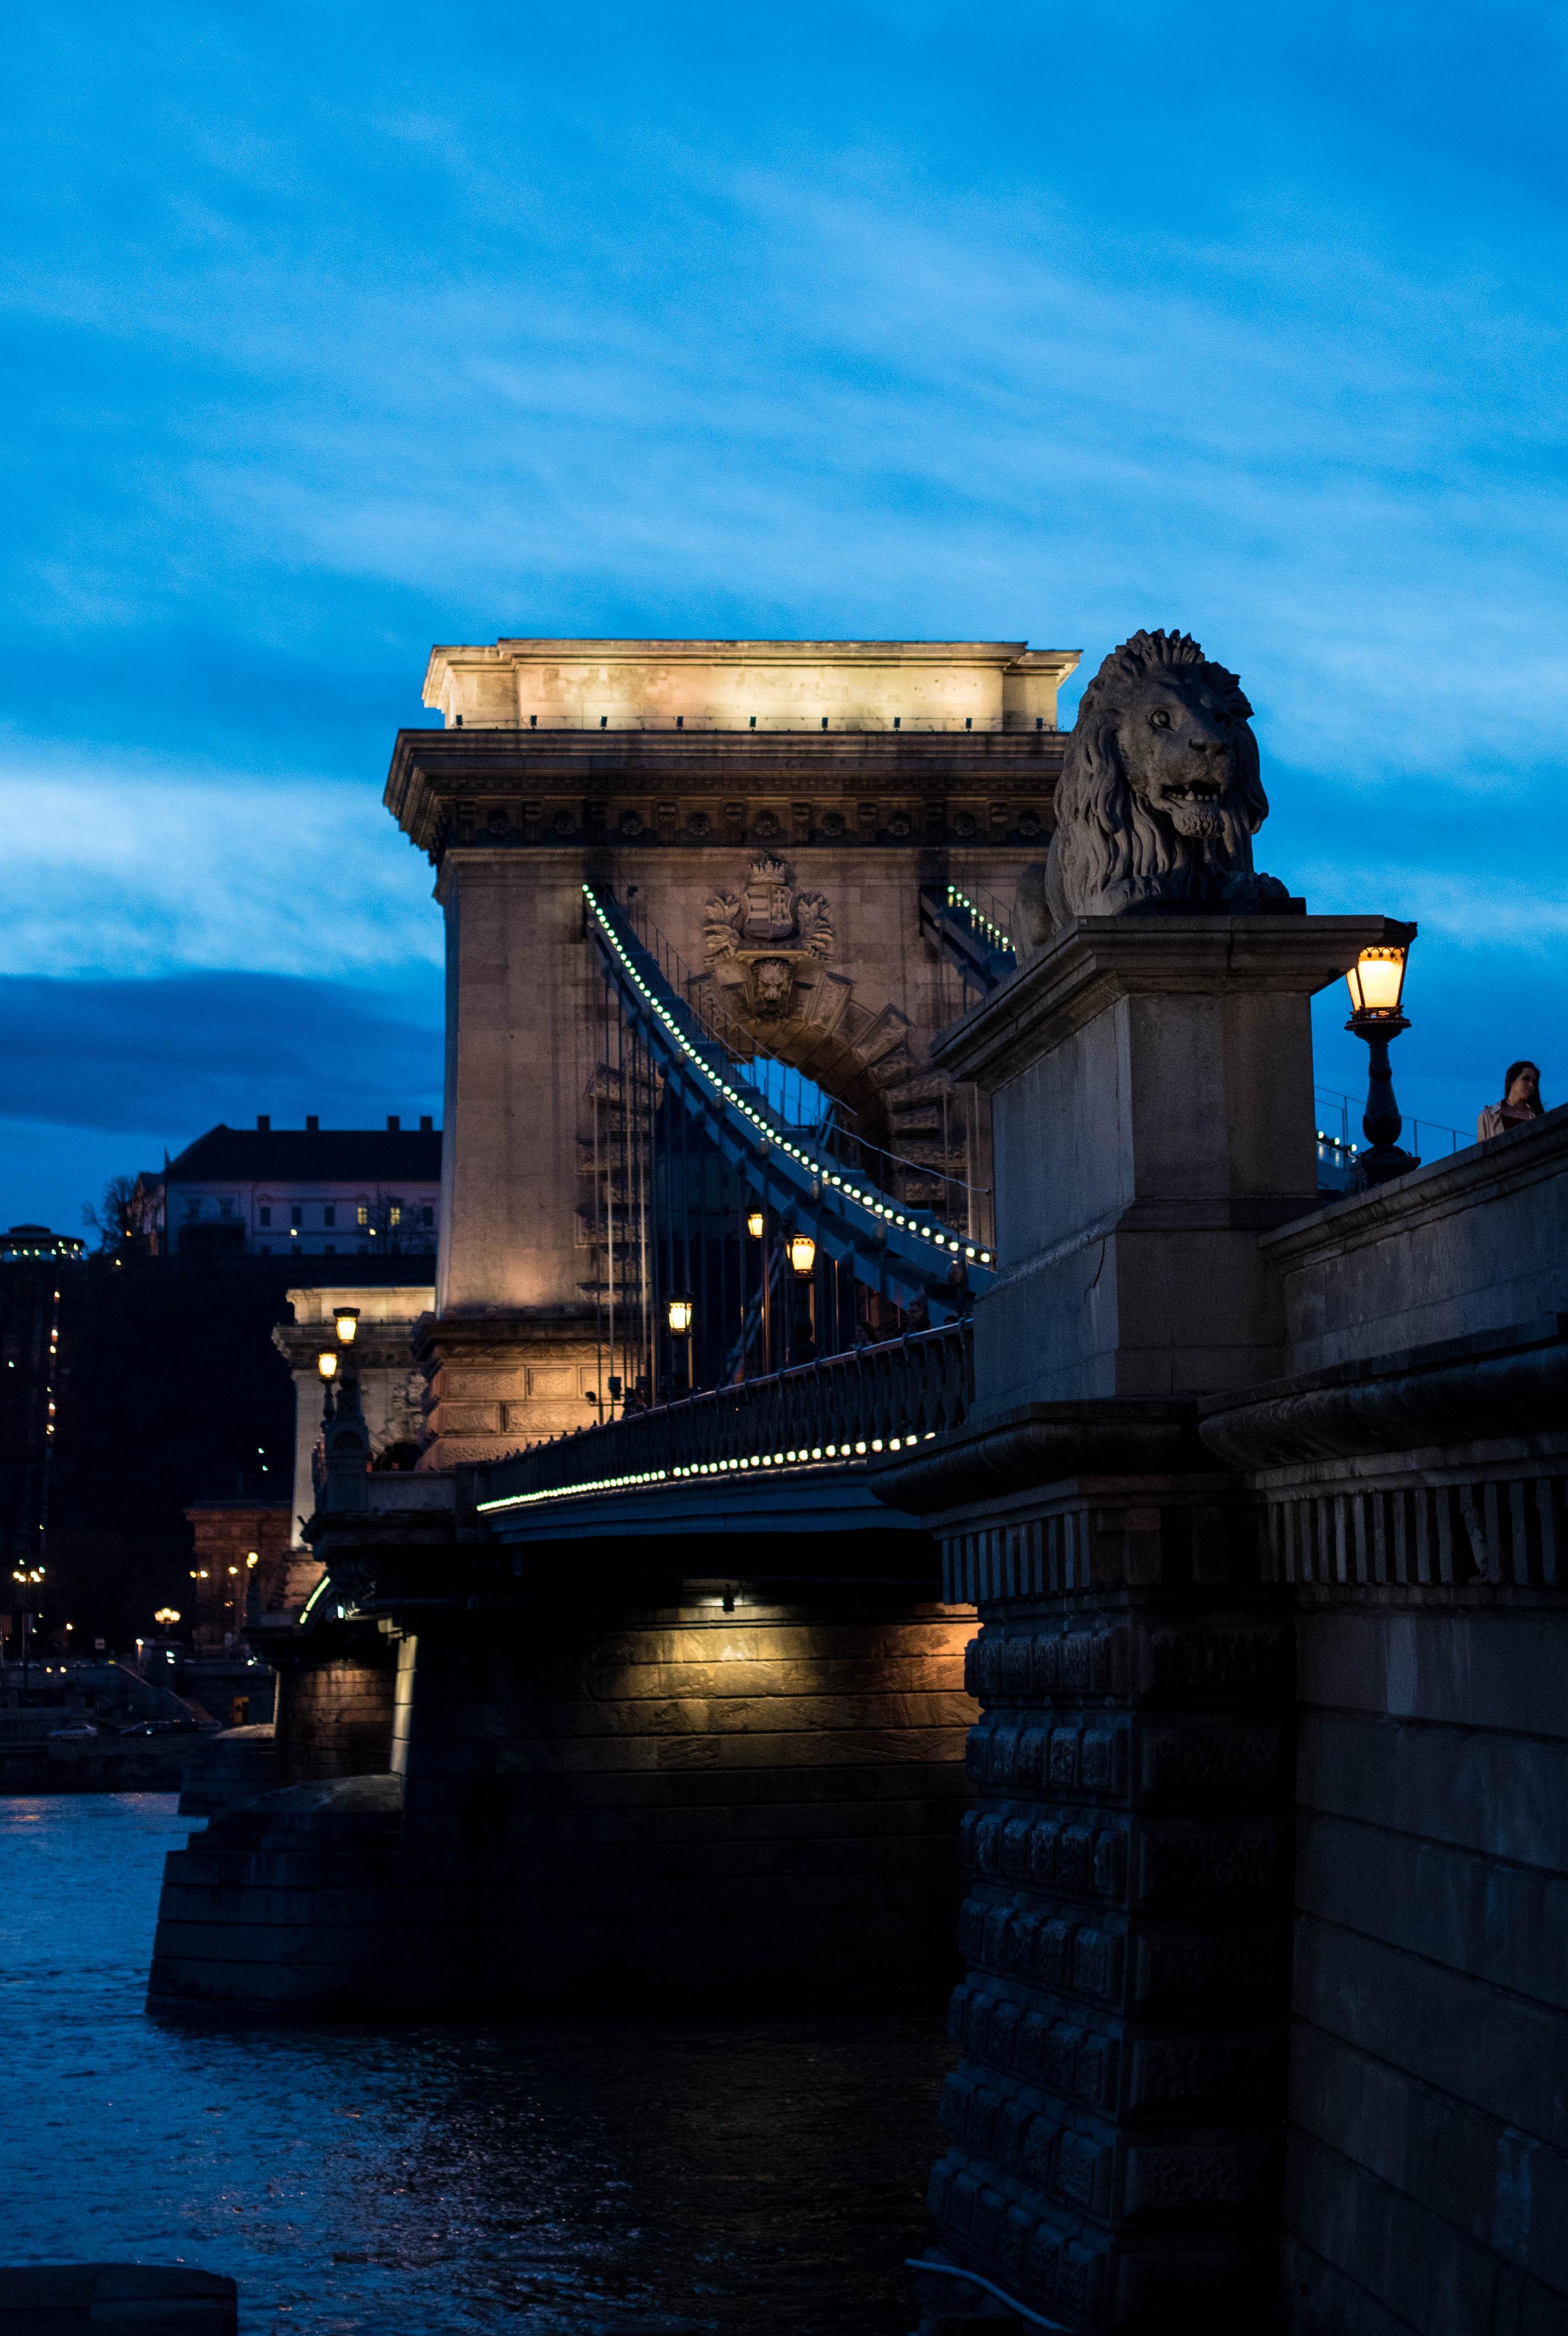 budapest-bridge-by-kaia-dalbora